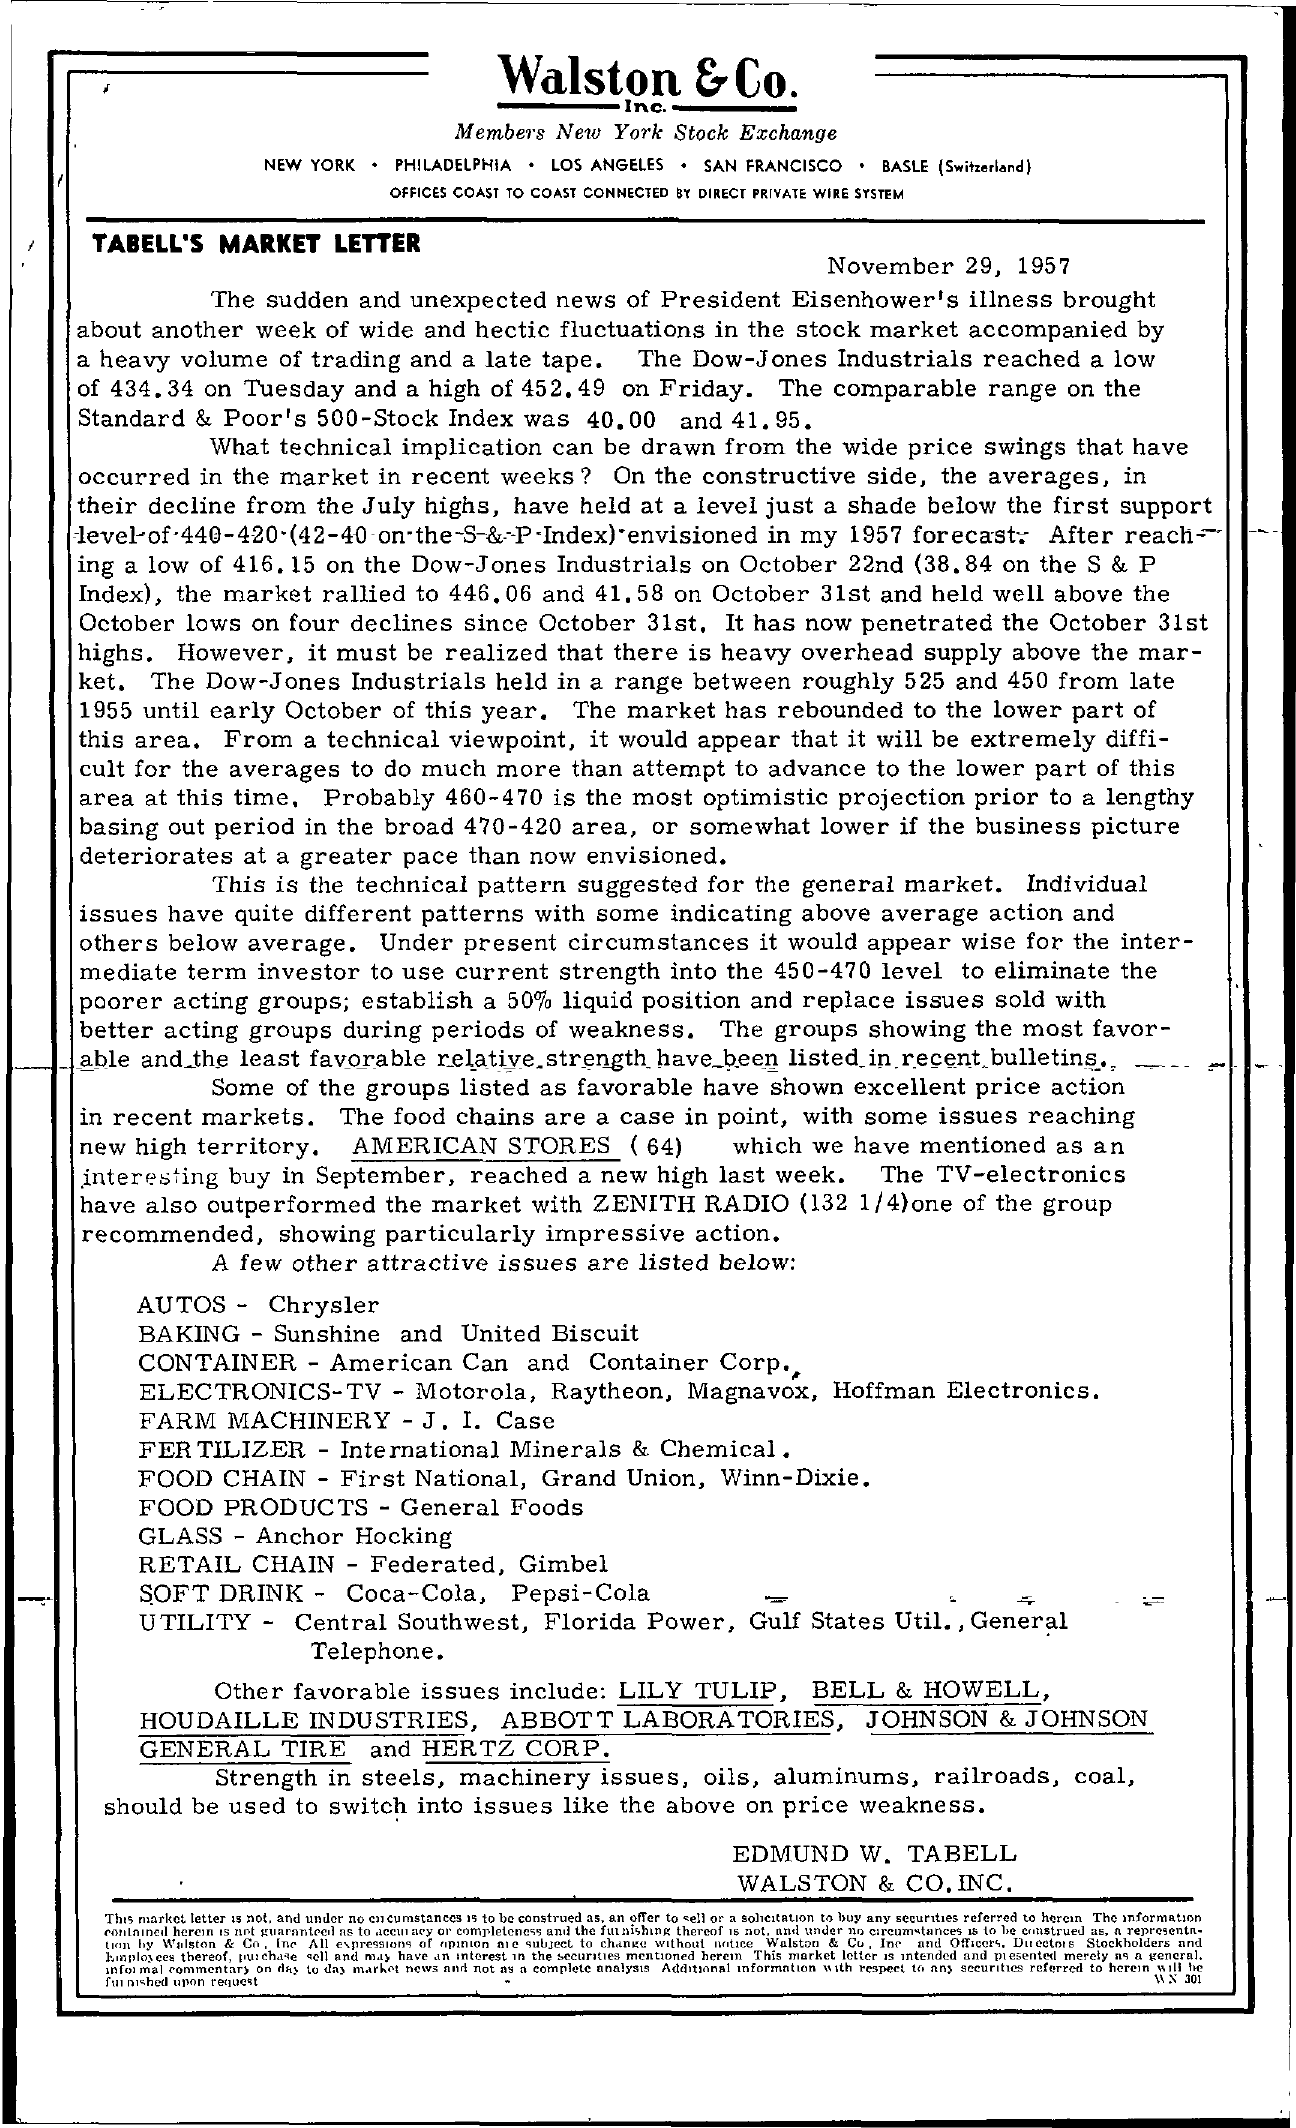 Tabell's Market Letter - November 29, 1957